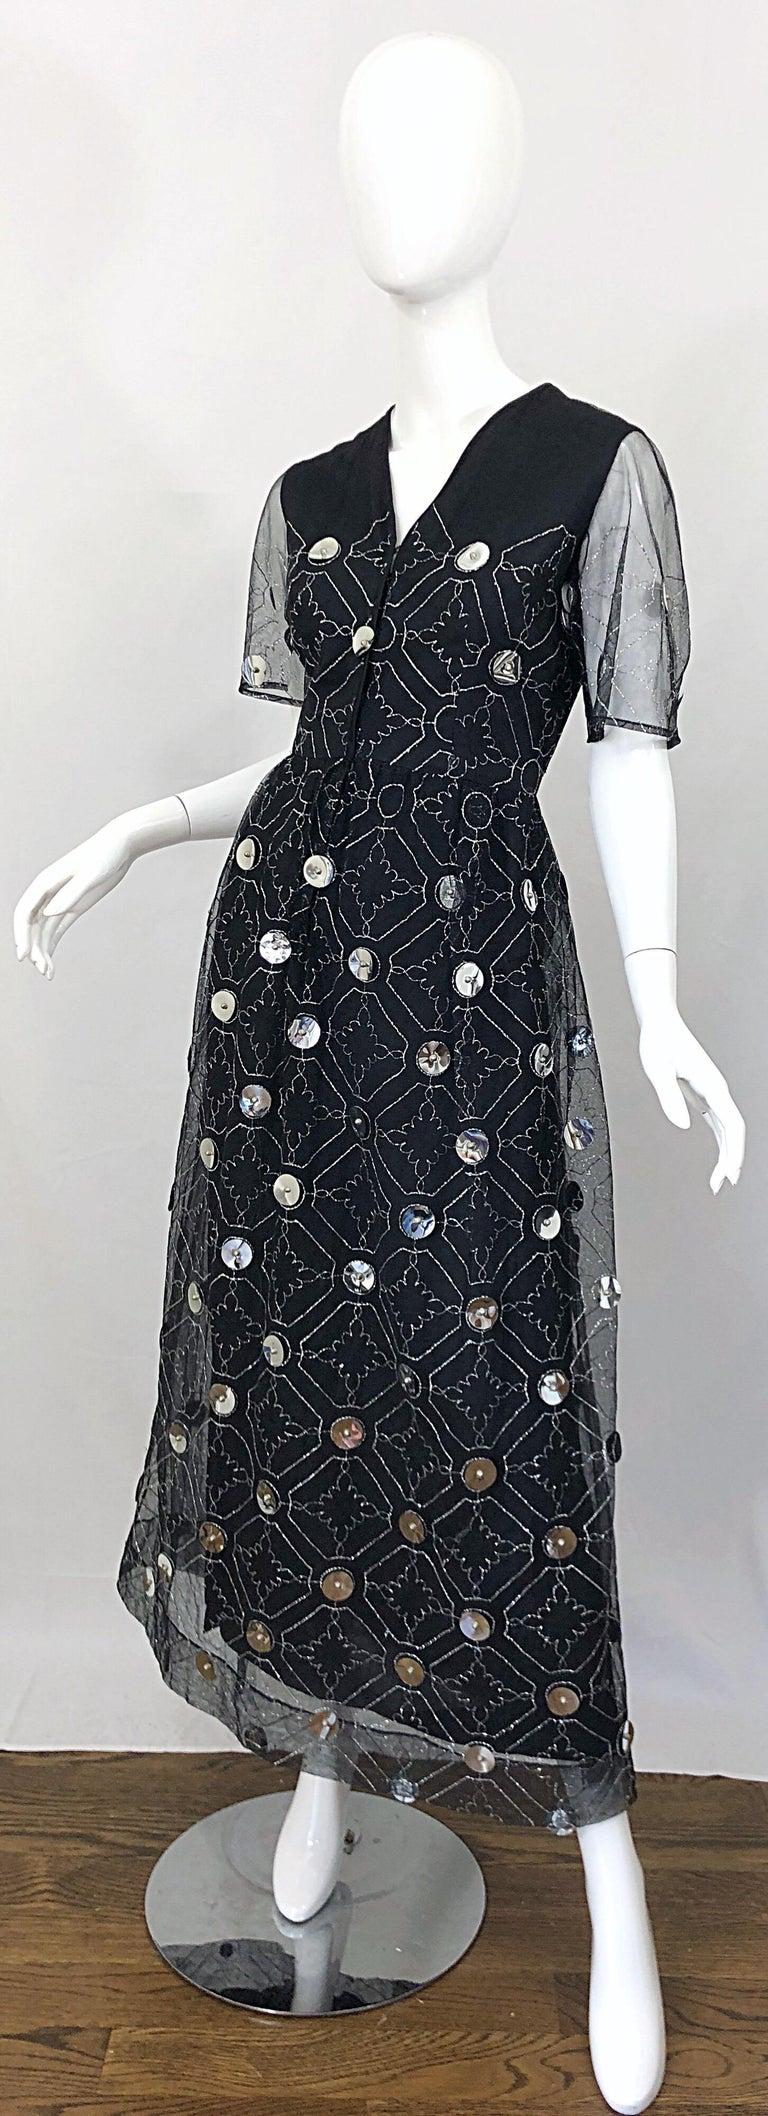 Vintage Oscar de la Renta Sz 10 1970s Black Tulle + Silver Pailletes 70s Gown For Sale 8